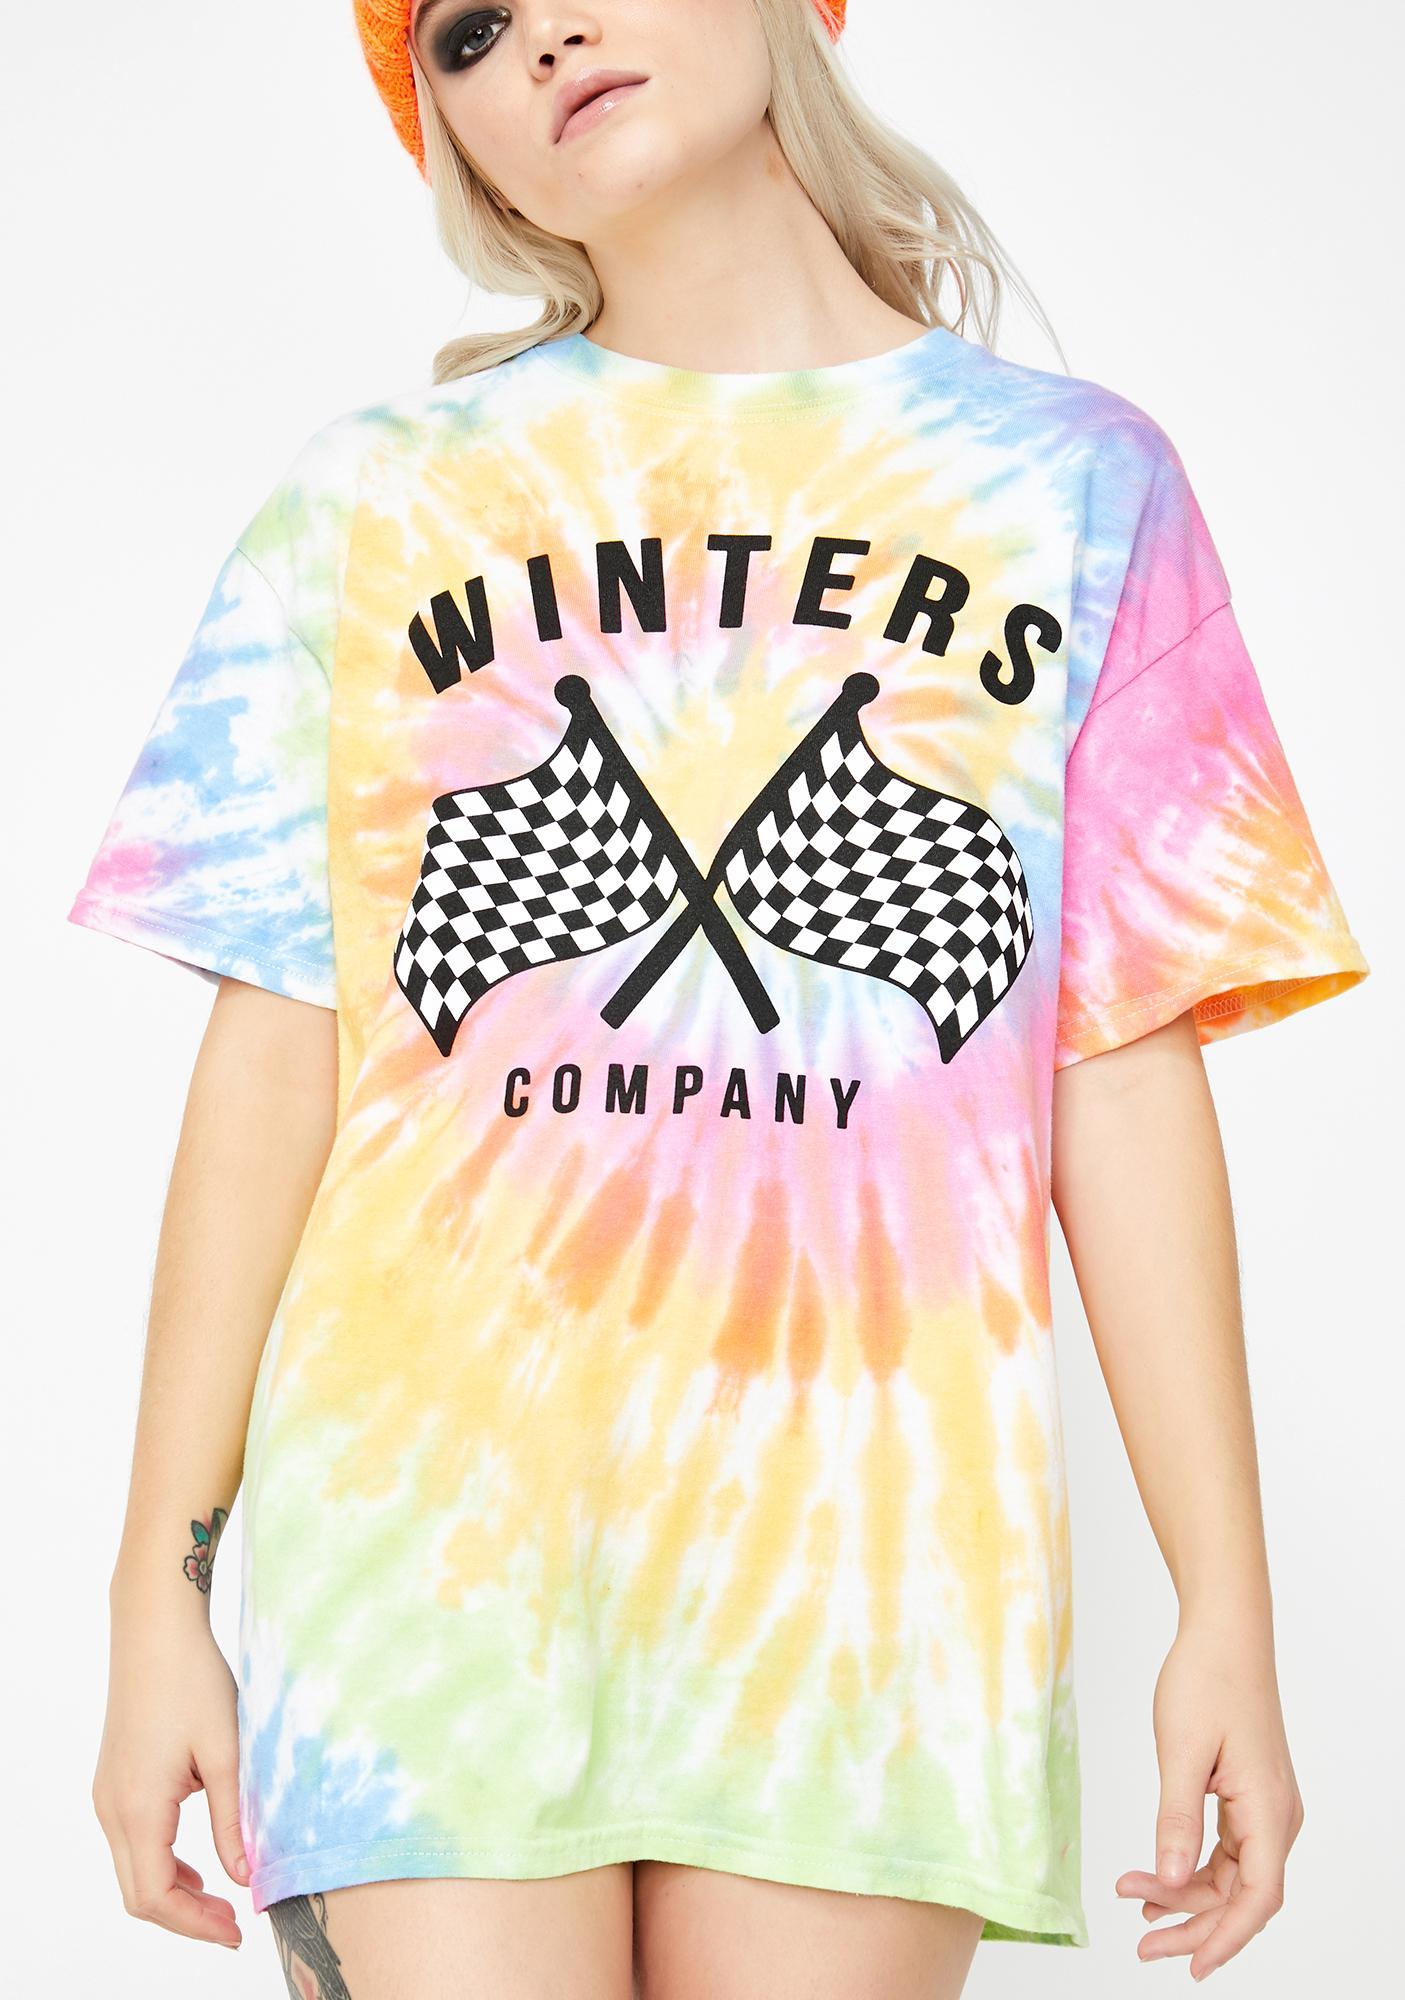 Winters Racing Tie Dye Tee